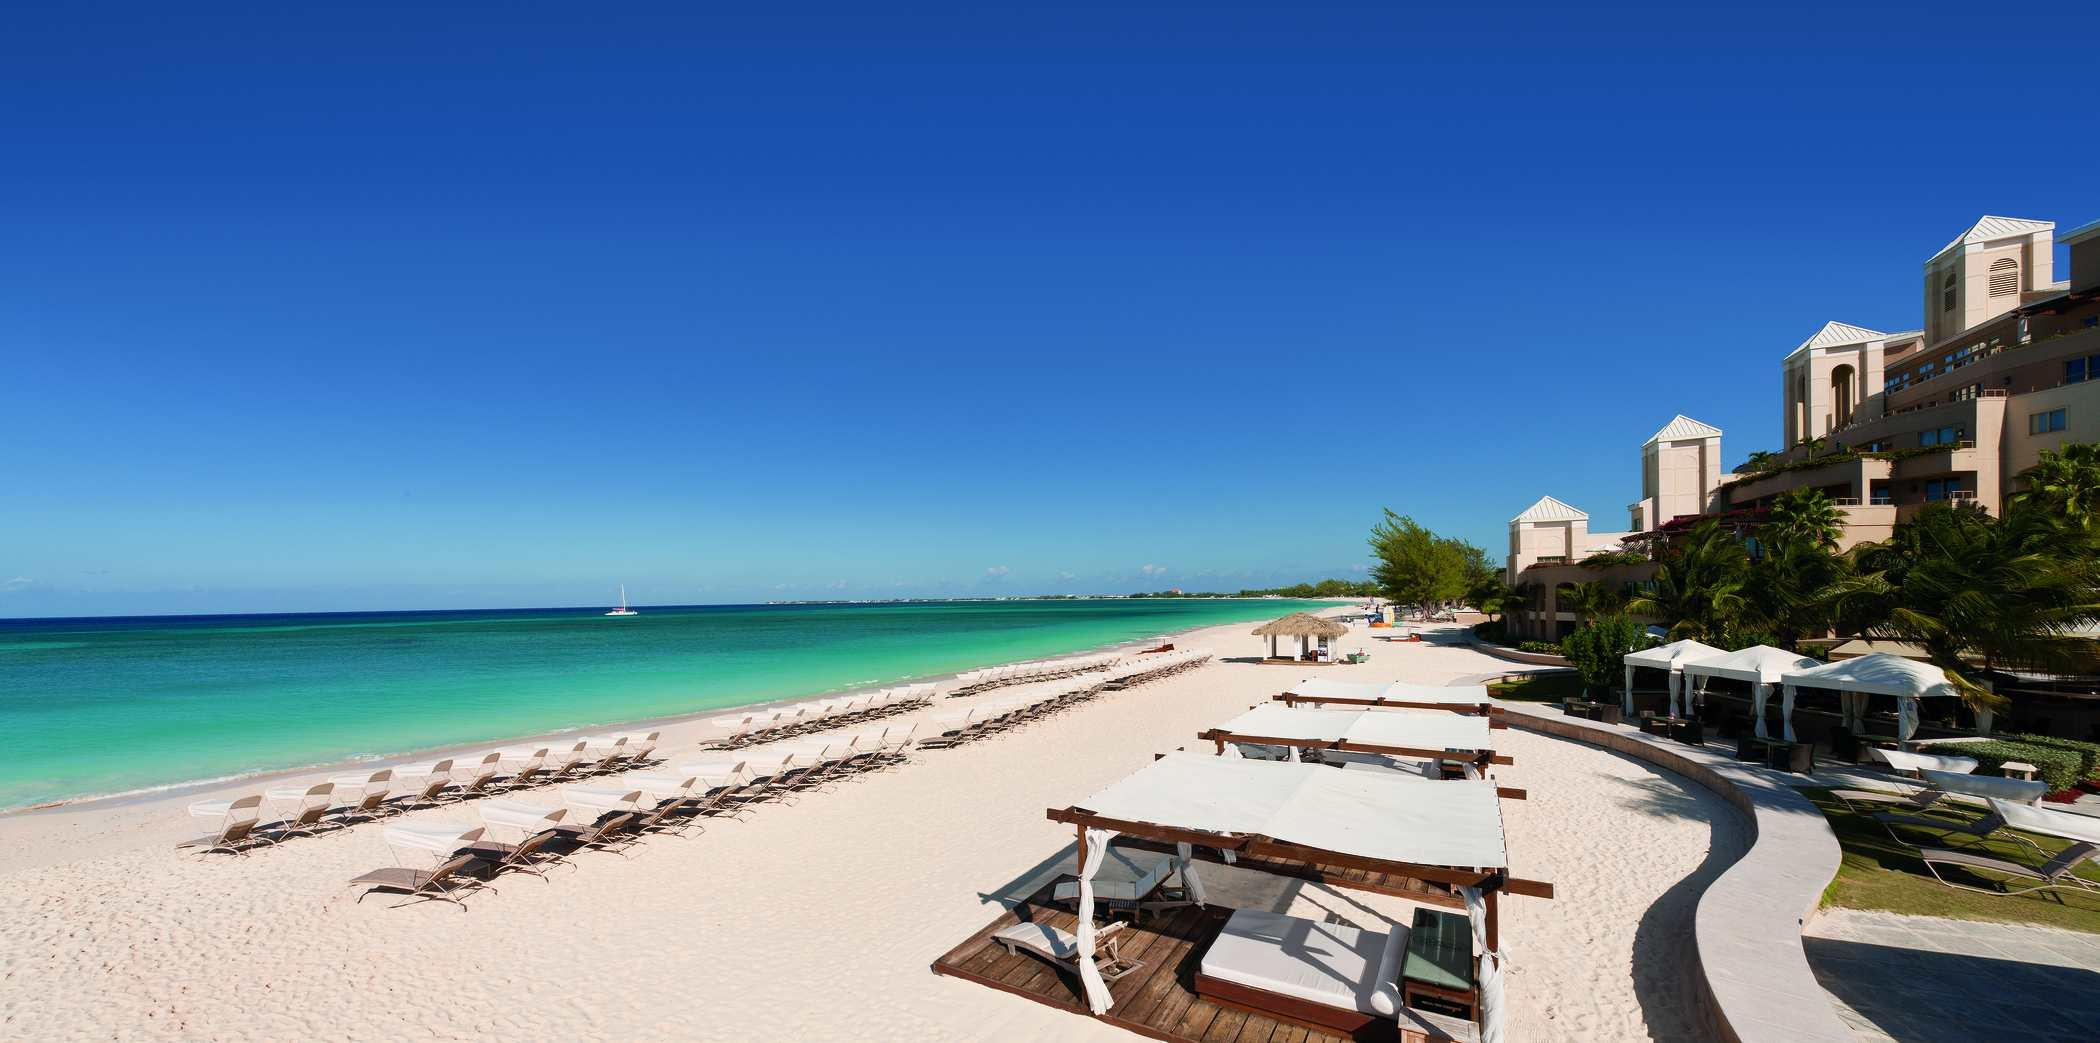 The beach at Ritz-Carlton Grand Cayman